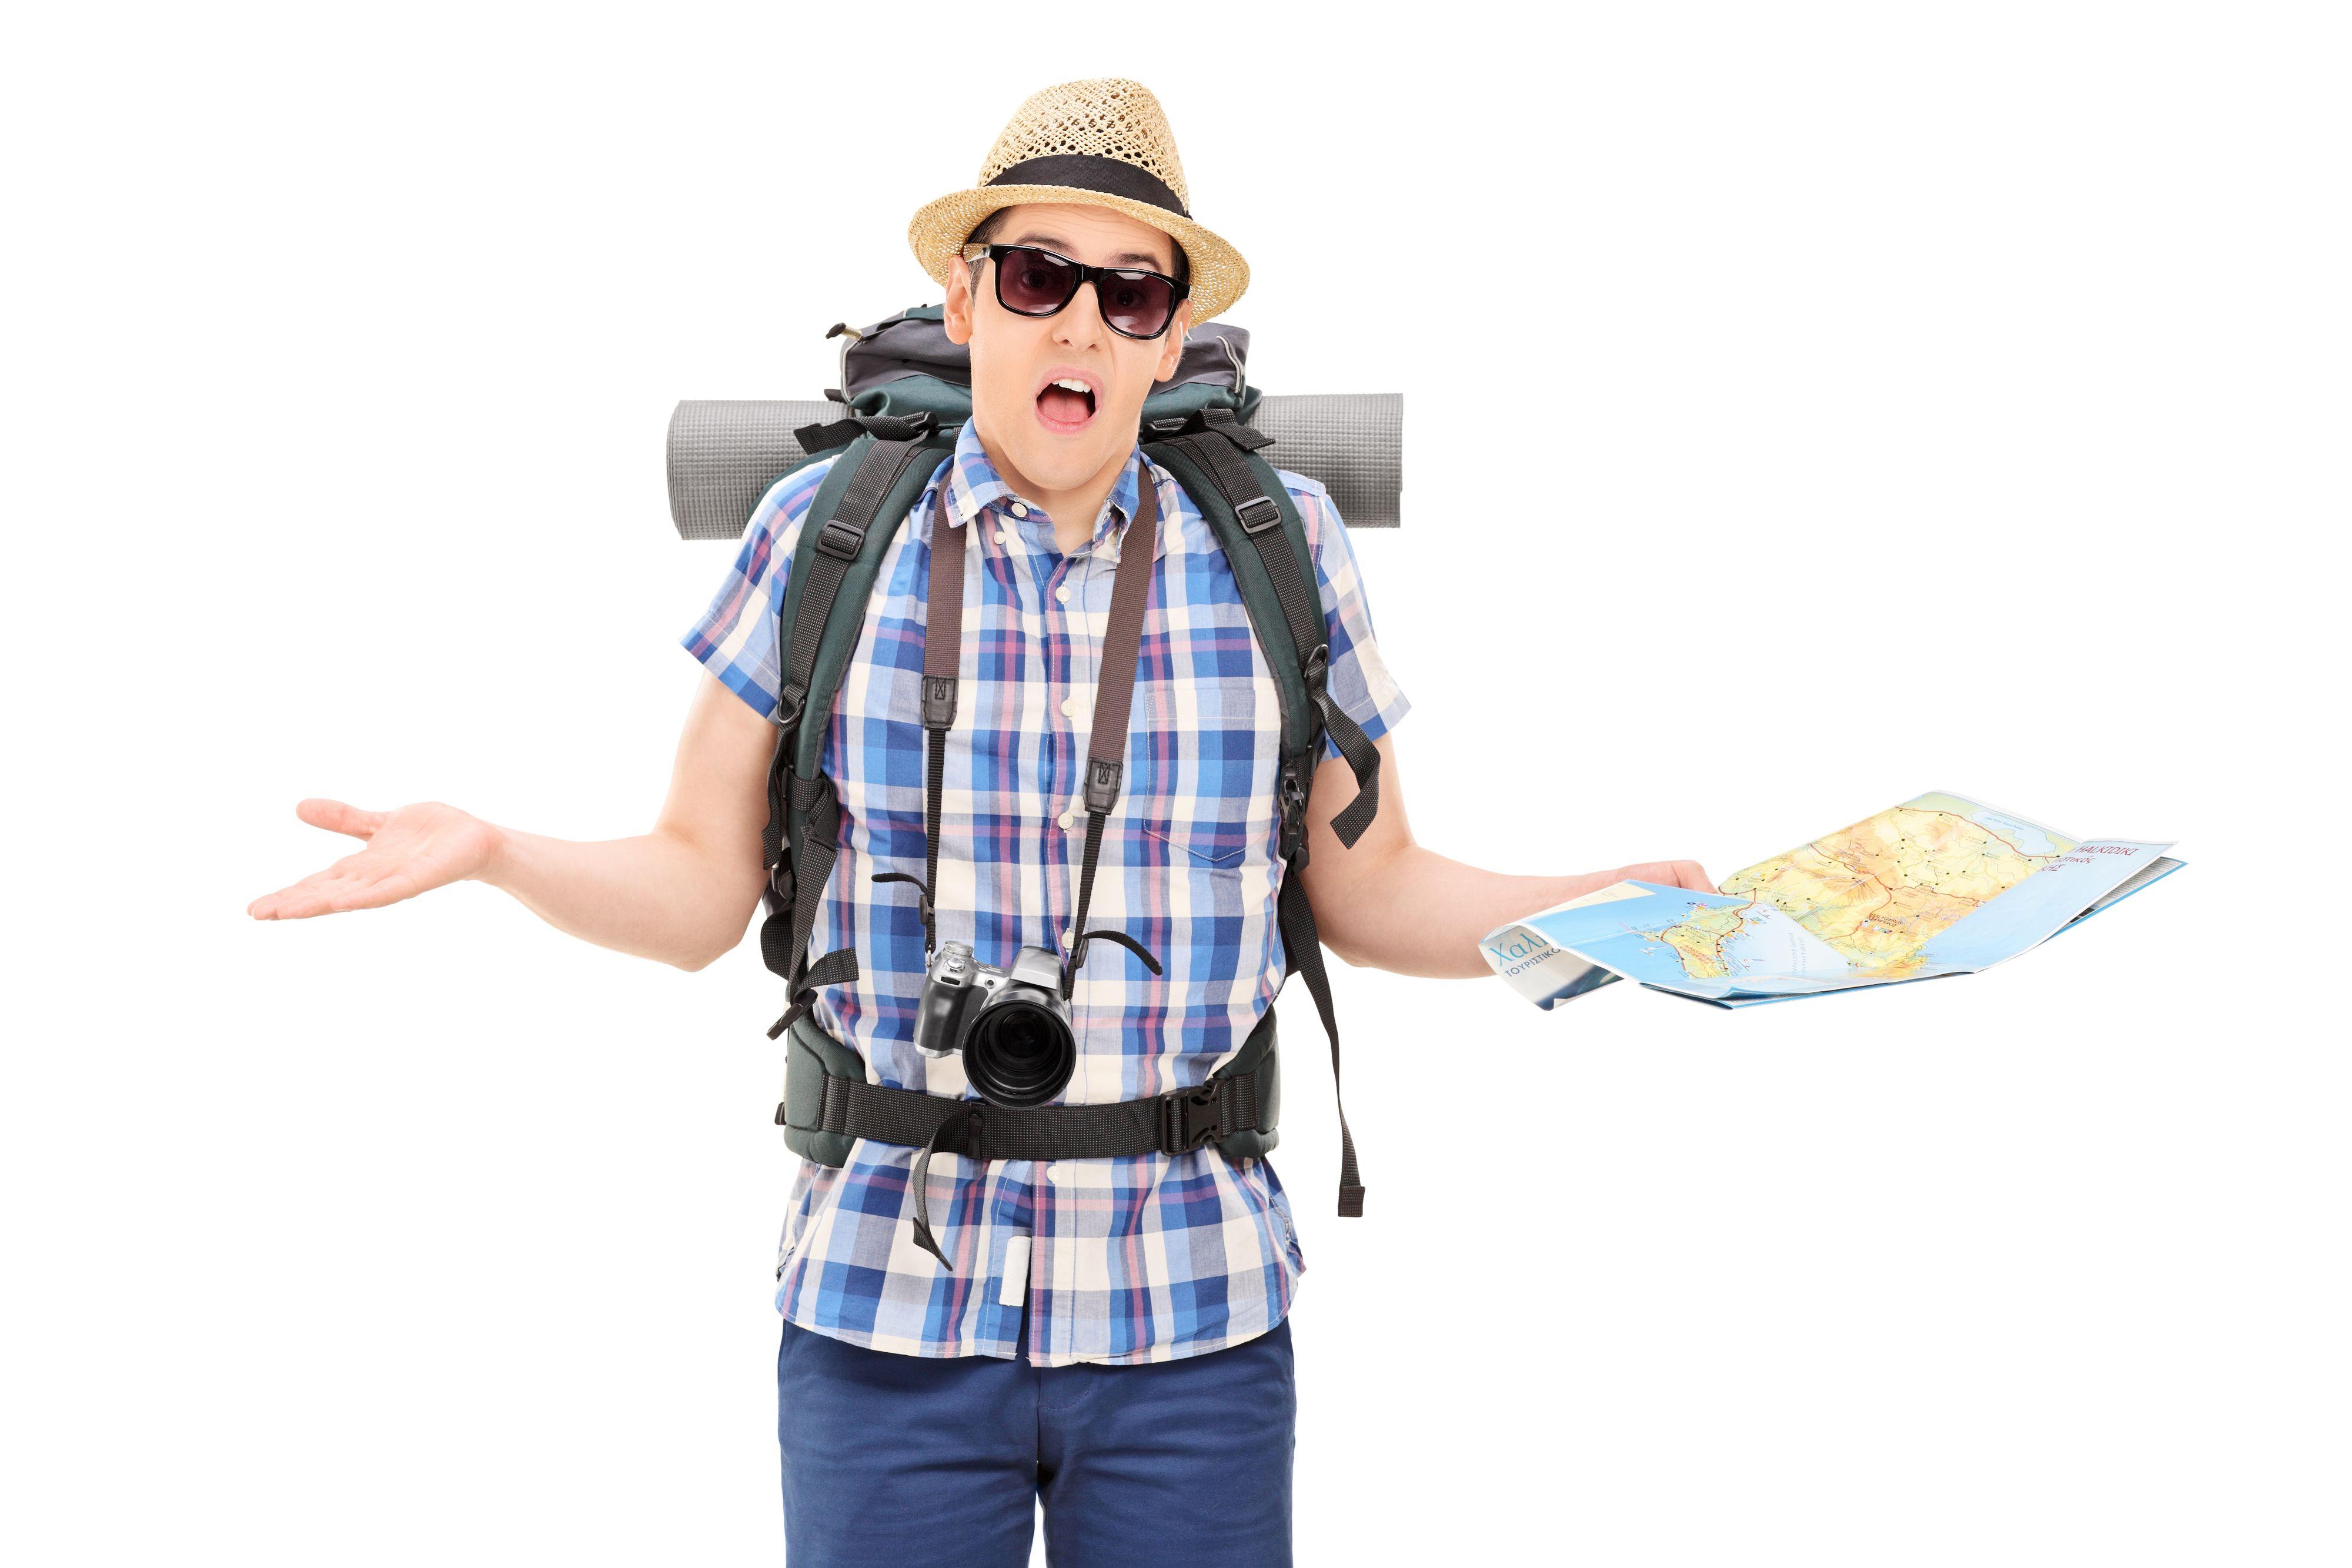 Prøv å ikke se for bortkommen ut, og pass på hvor du har kameraet.Foto: Shutterstock